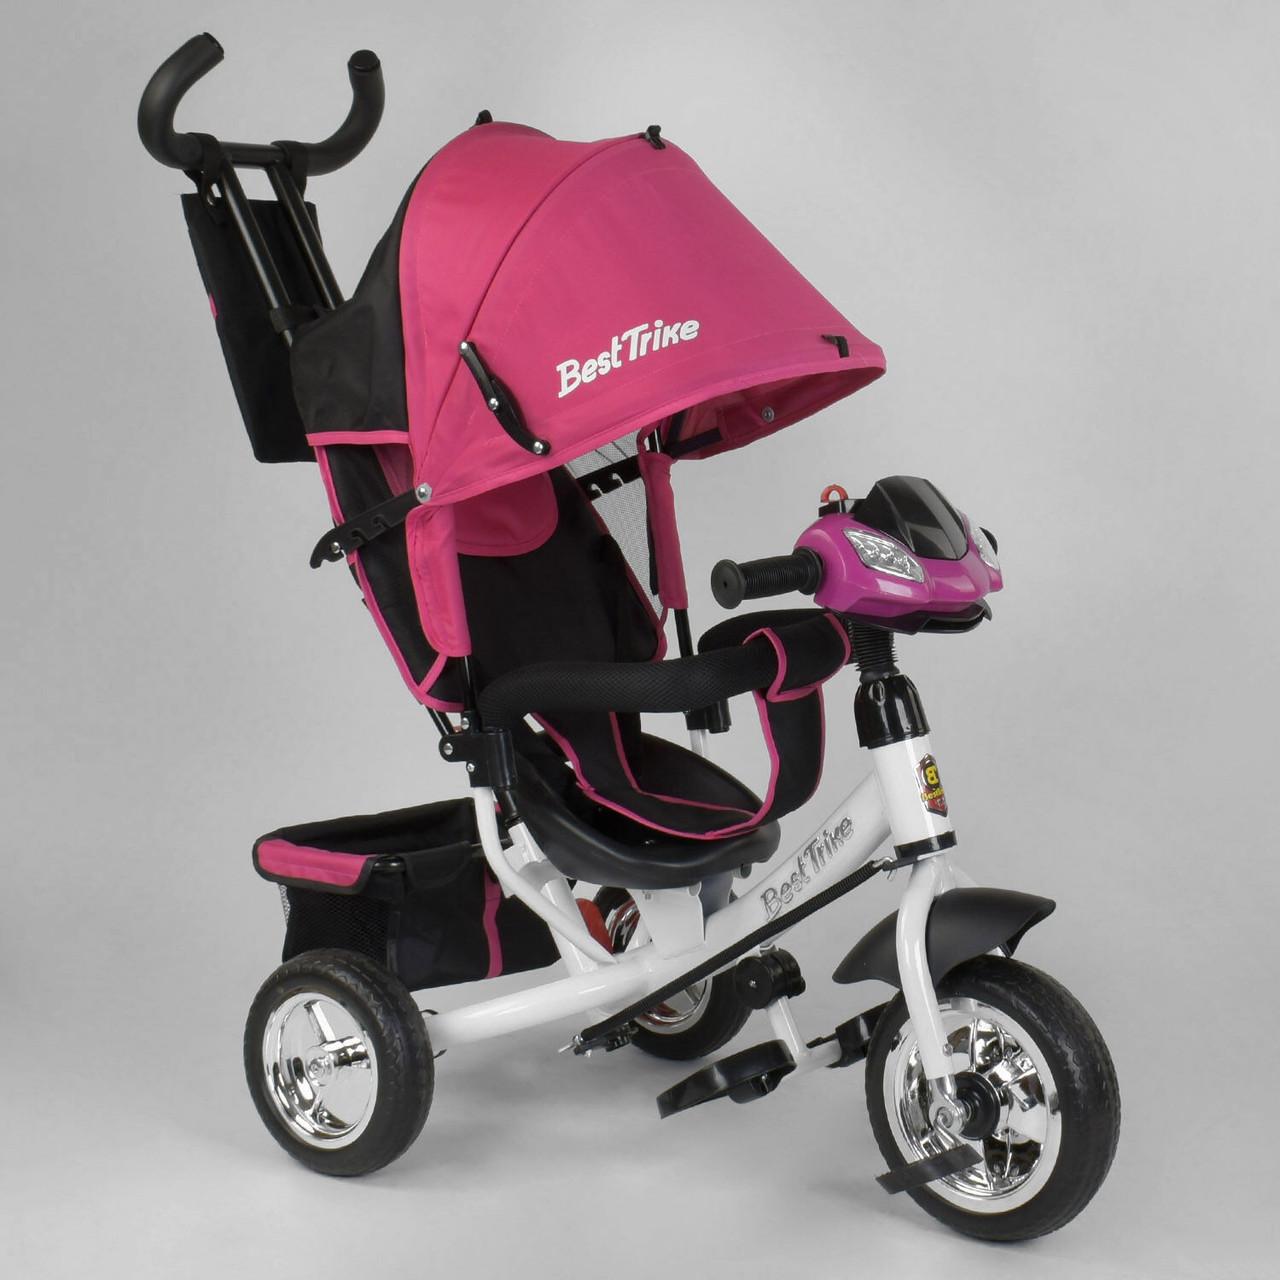 Трехколесный велосипед с фарой Best Trike Розовый велосипед для девочки 1-3 года